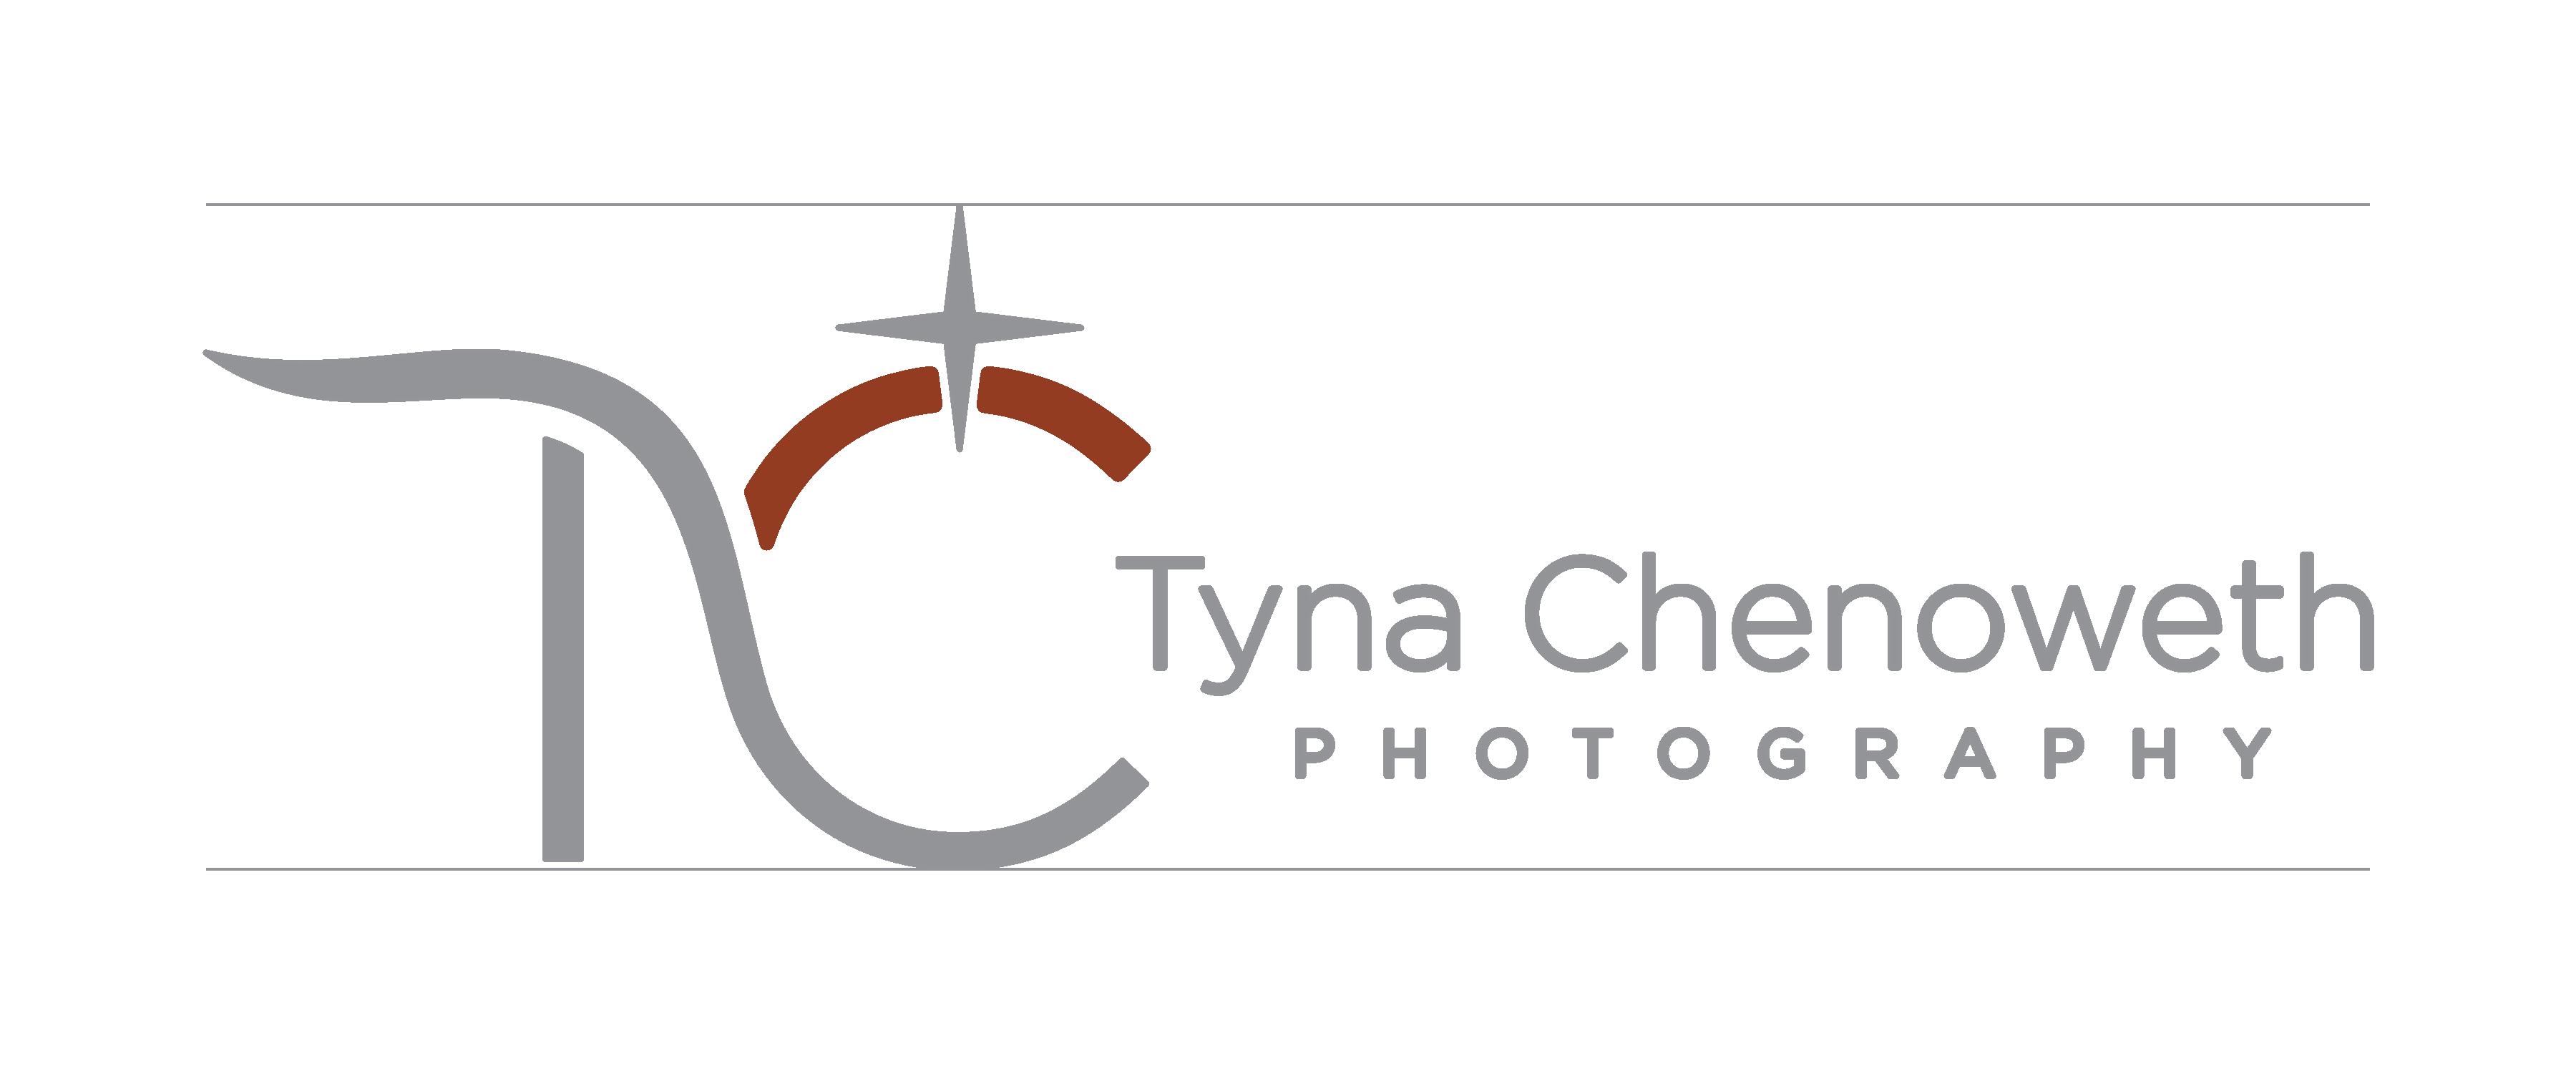 Tyna Chenoweth